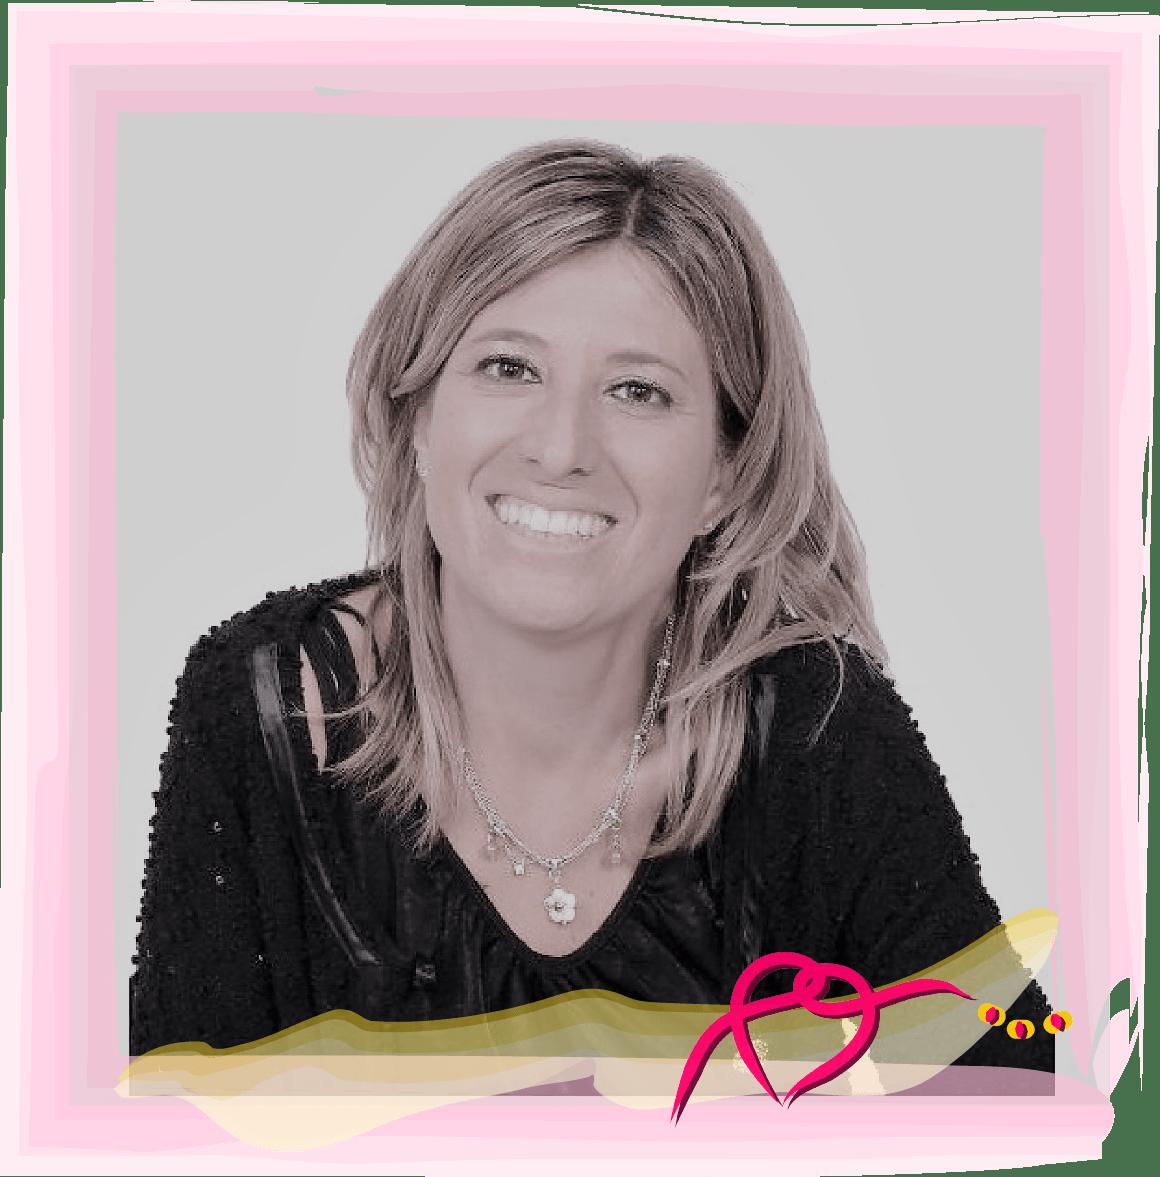 Marcella Caimi Psicoterapeuta Amori 4.0 Padova Venezia Savona